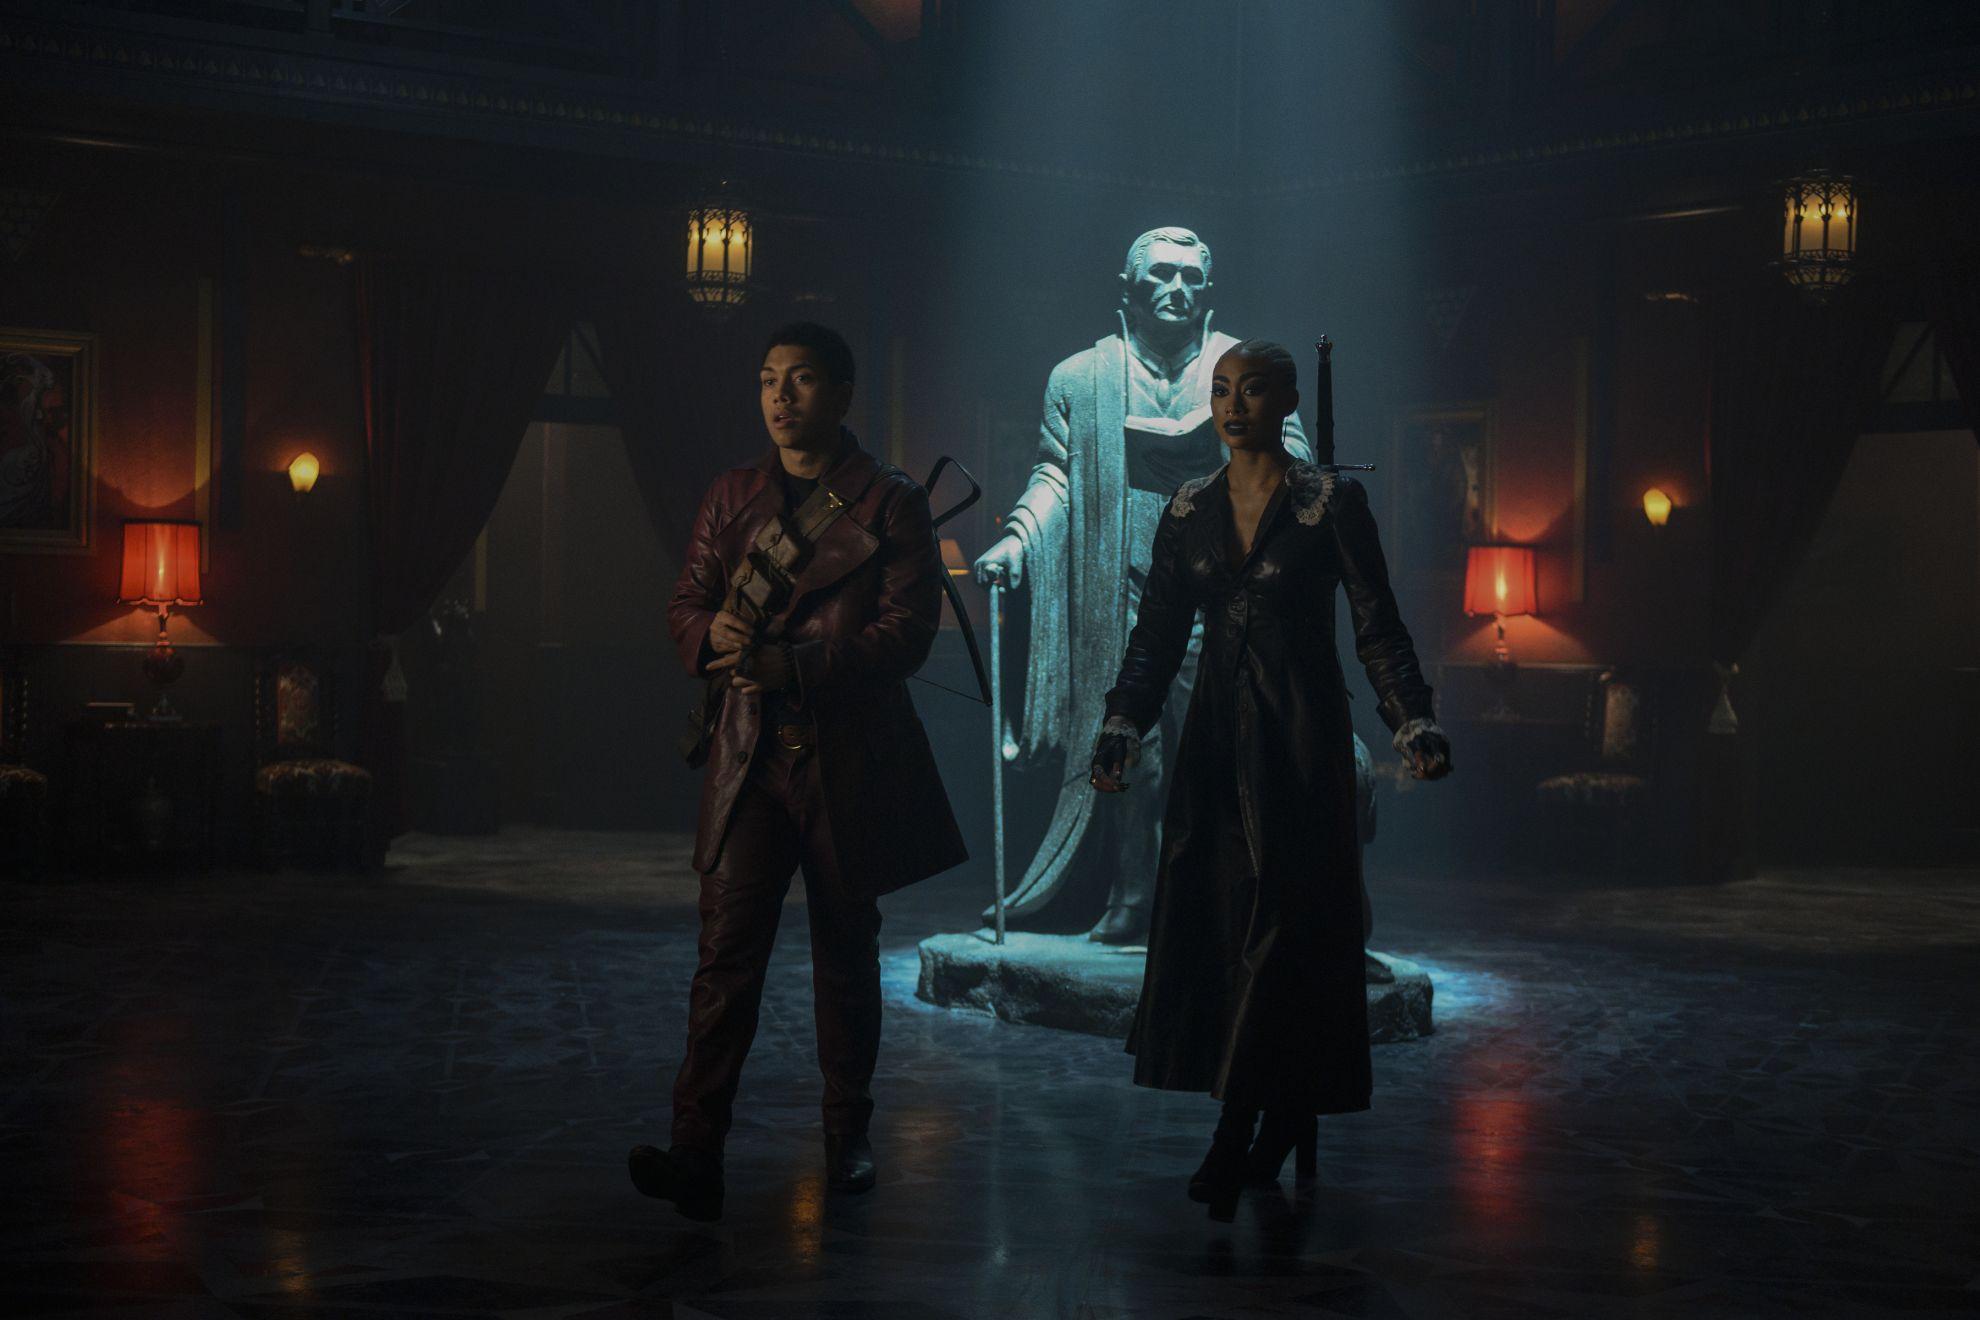 Le terrificanti avventure di Sabrina: Chance Perdomo e  Tati Gabrielle in una scena della seconda stagione